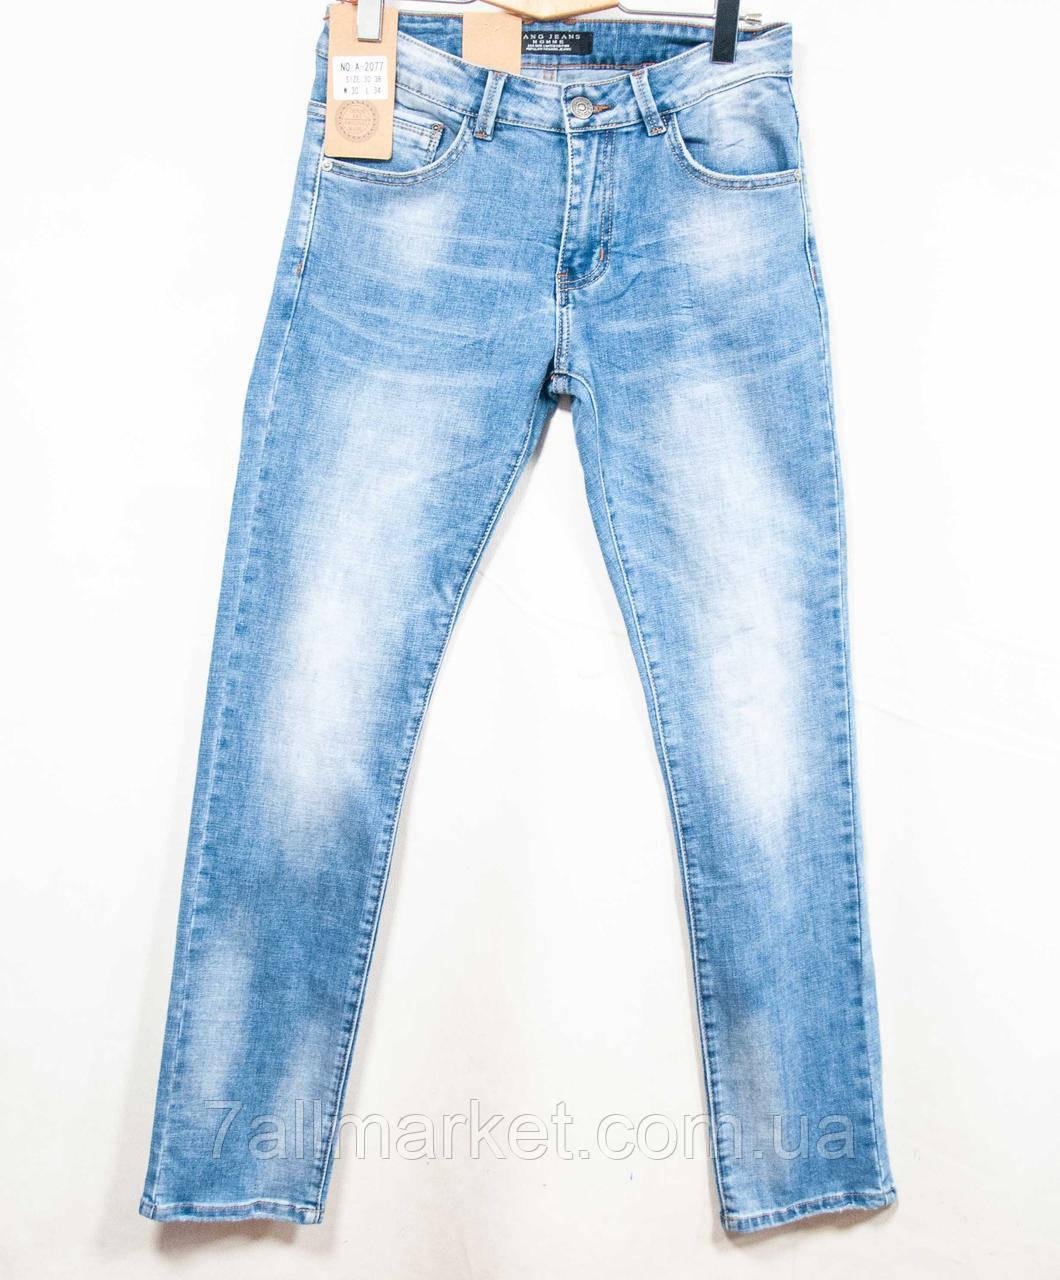 6a1877b2546 джинсы мужские цветные синие норма